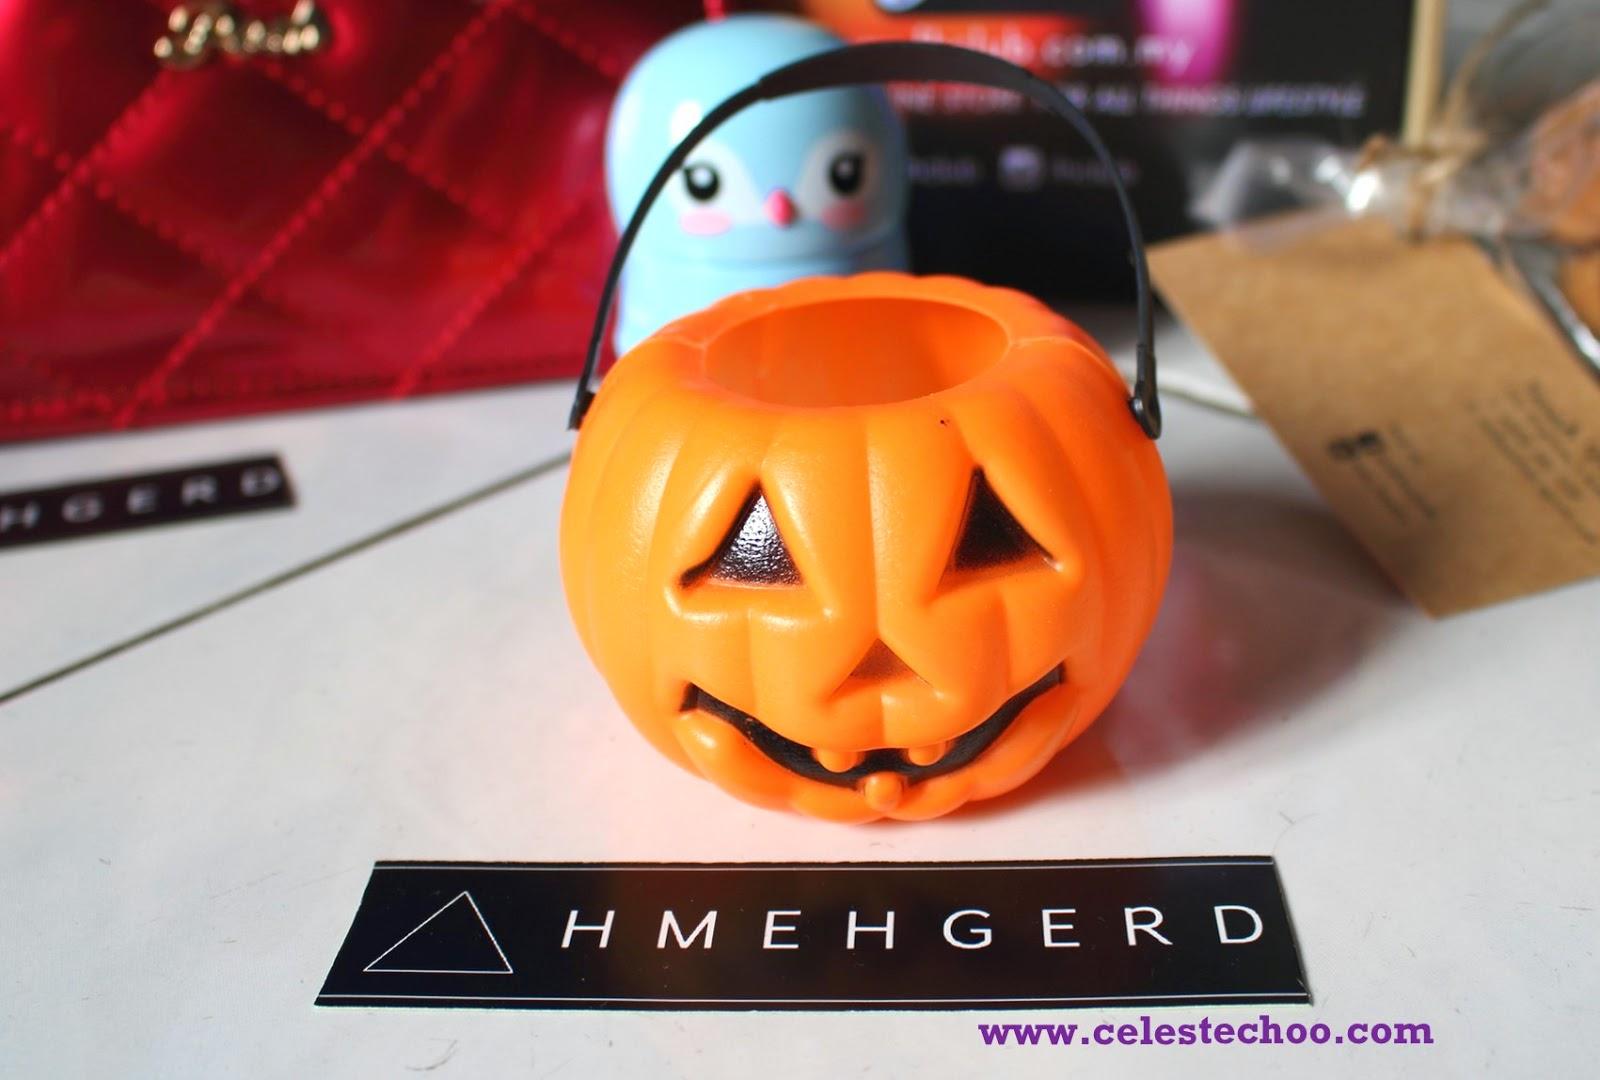 duriana_fashion_sale_shopping_event_hmehgerd_pumpkin